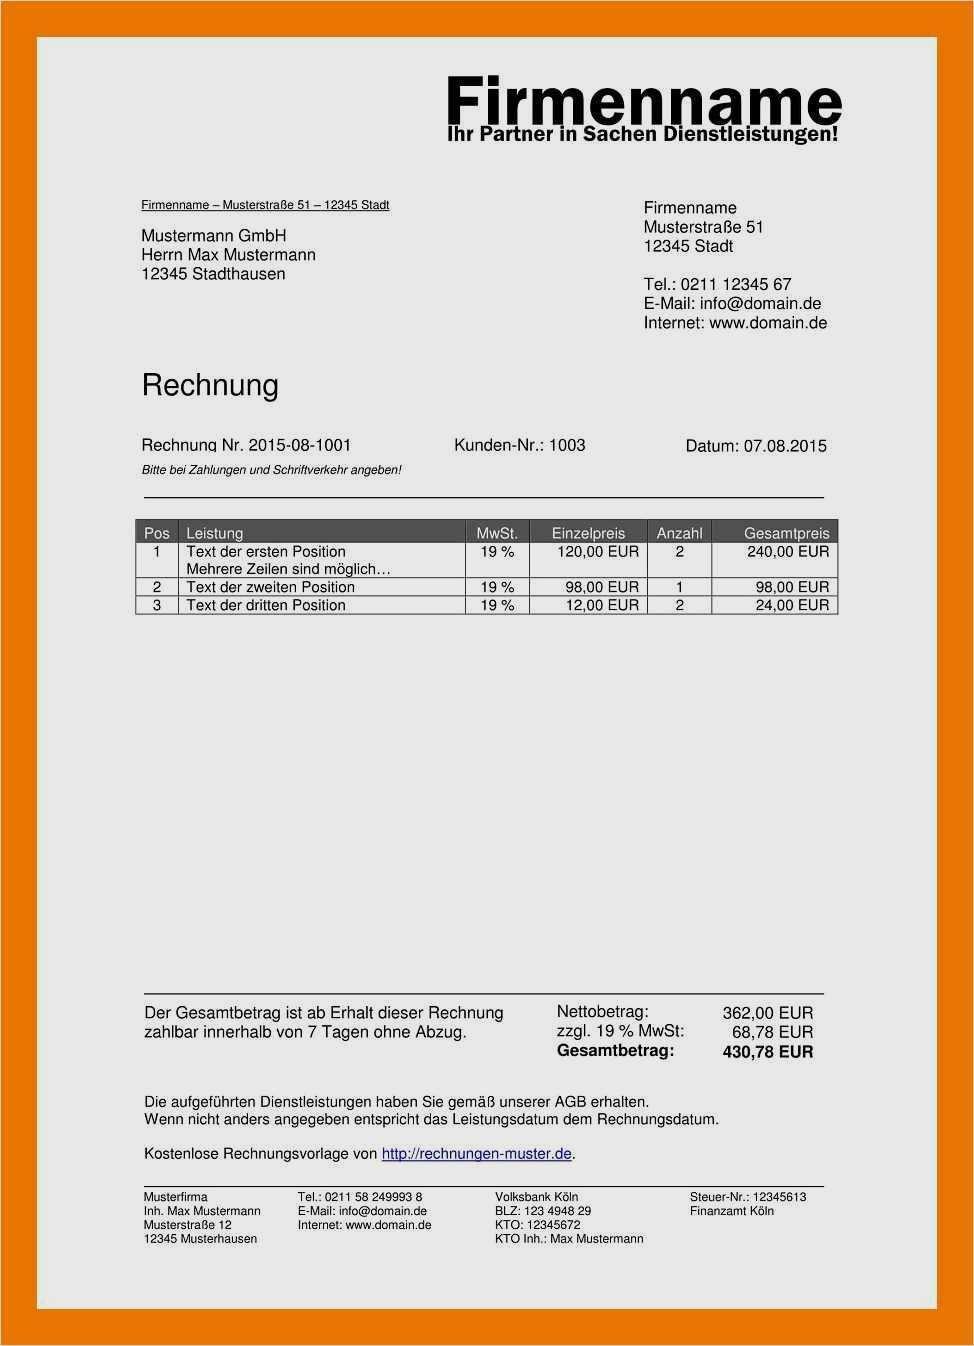 Rechnungseingangsbuch Excel Vorlage Kostenlos : rechnungseingangsbuch, excel, vorlage, kostenlos, Rechnungsausgangsbuch, Excel, Vorlage, Schön, Ebendiese, Können, Adaptieren, Wichtigsten, Motivation, Dillyhearts.com